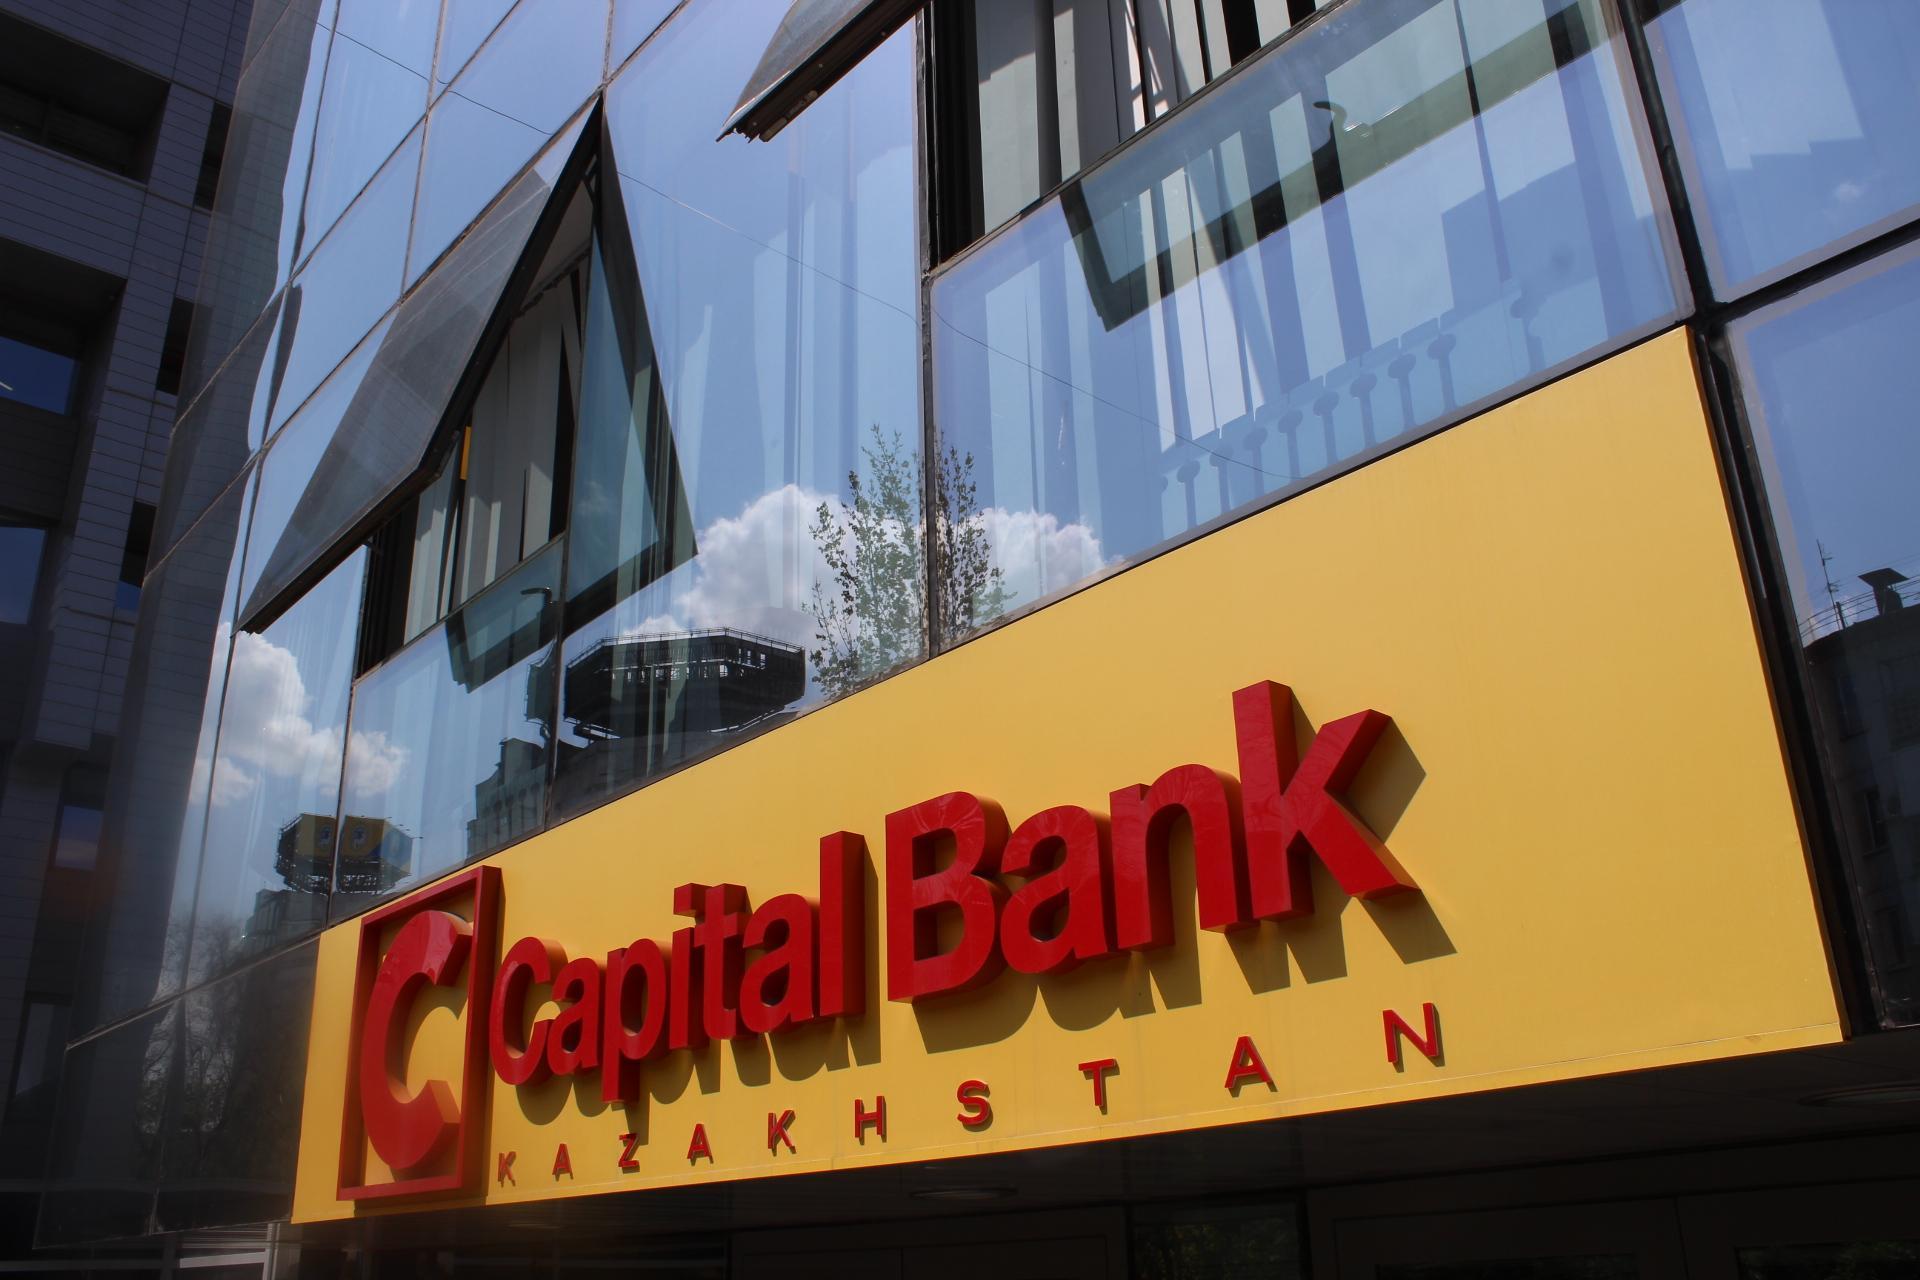 Как поступить вкладчикам Capital Bank Kazakhstan, которого лишили лицензии?